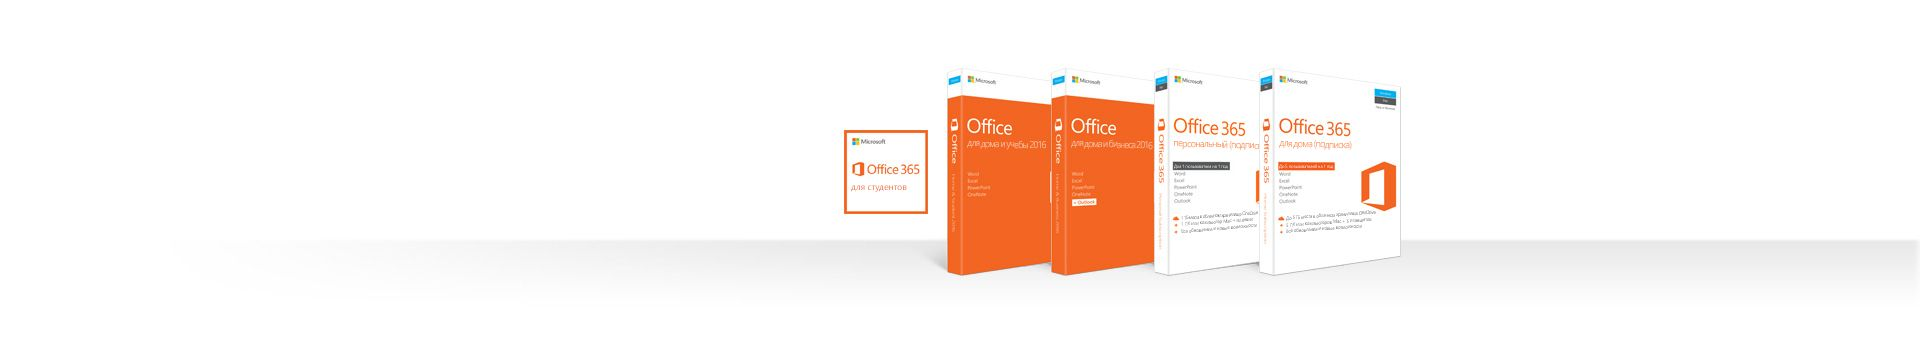 Расположенные в ряд коробки продуктов Office, предлагаемые в рамках подписки или в виде отдельных решений, для компьютеров Mac